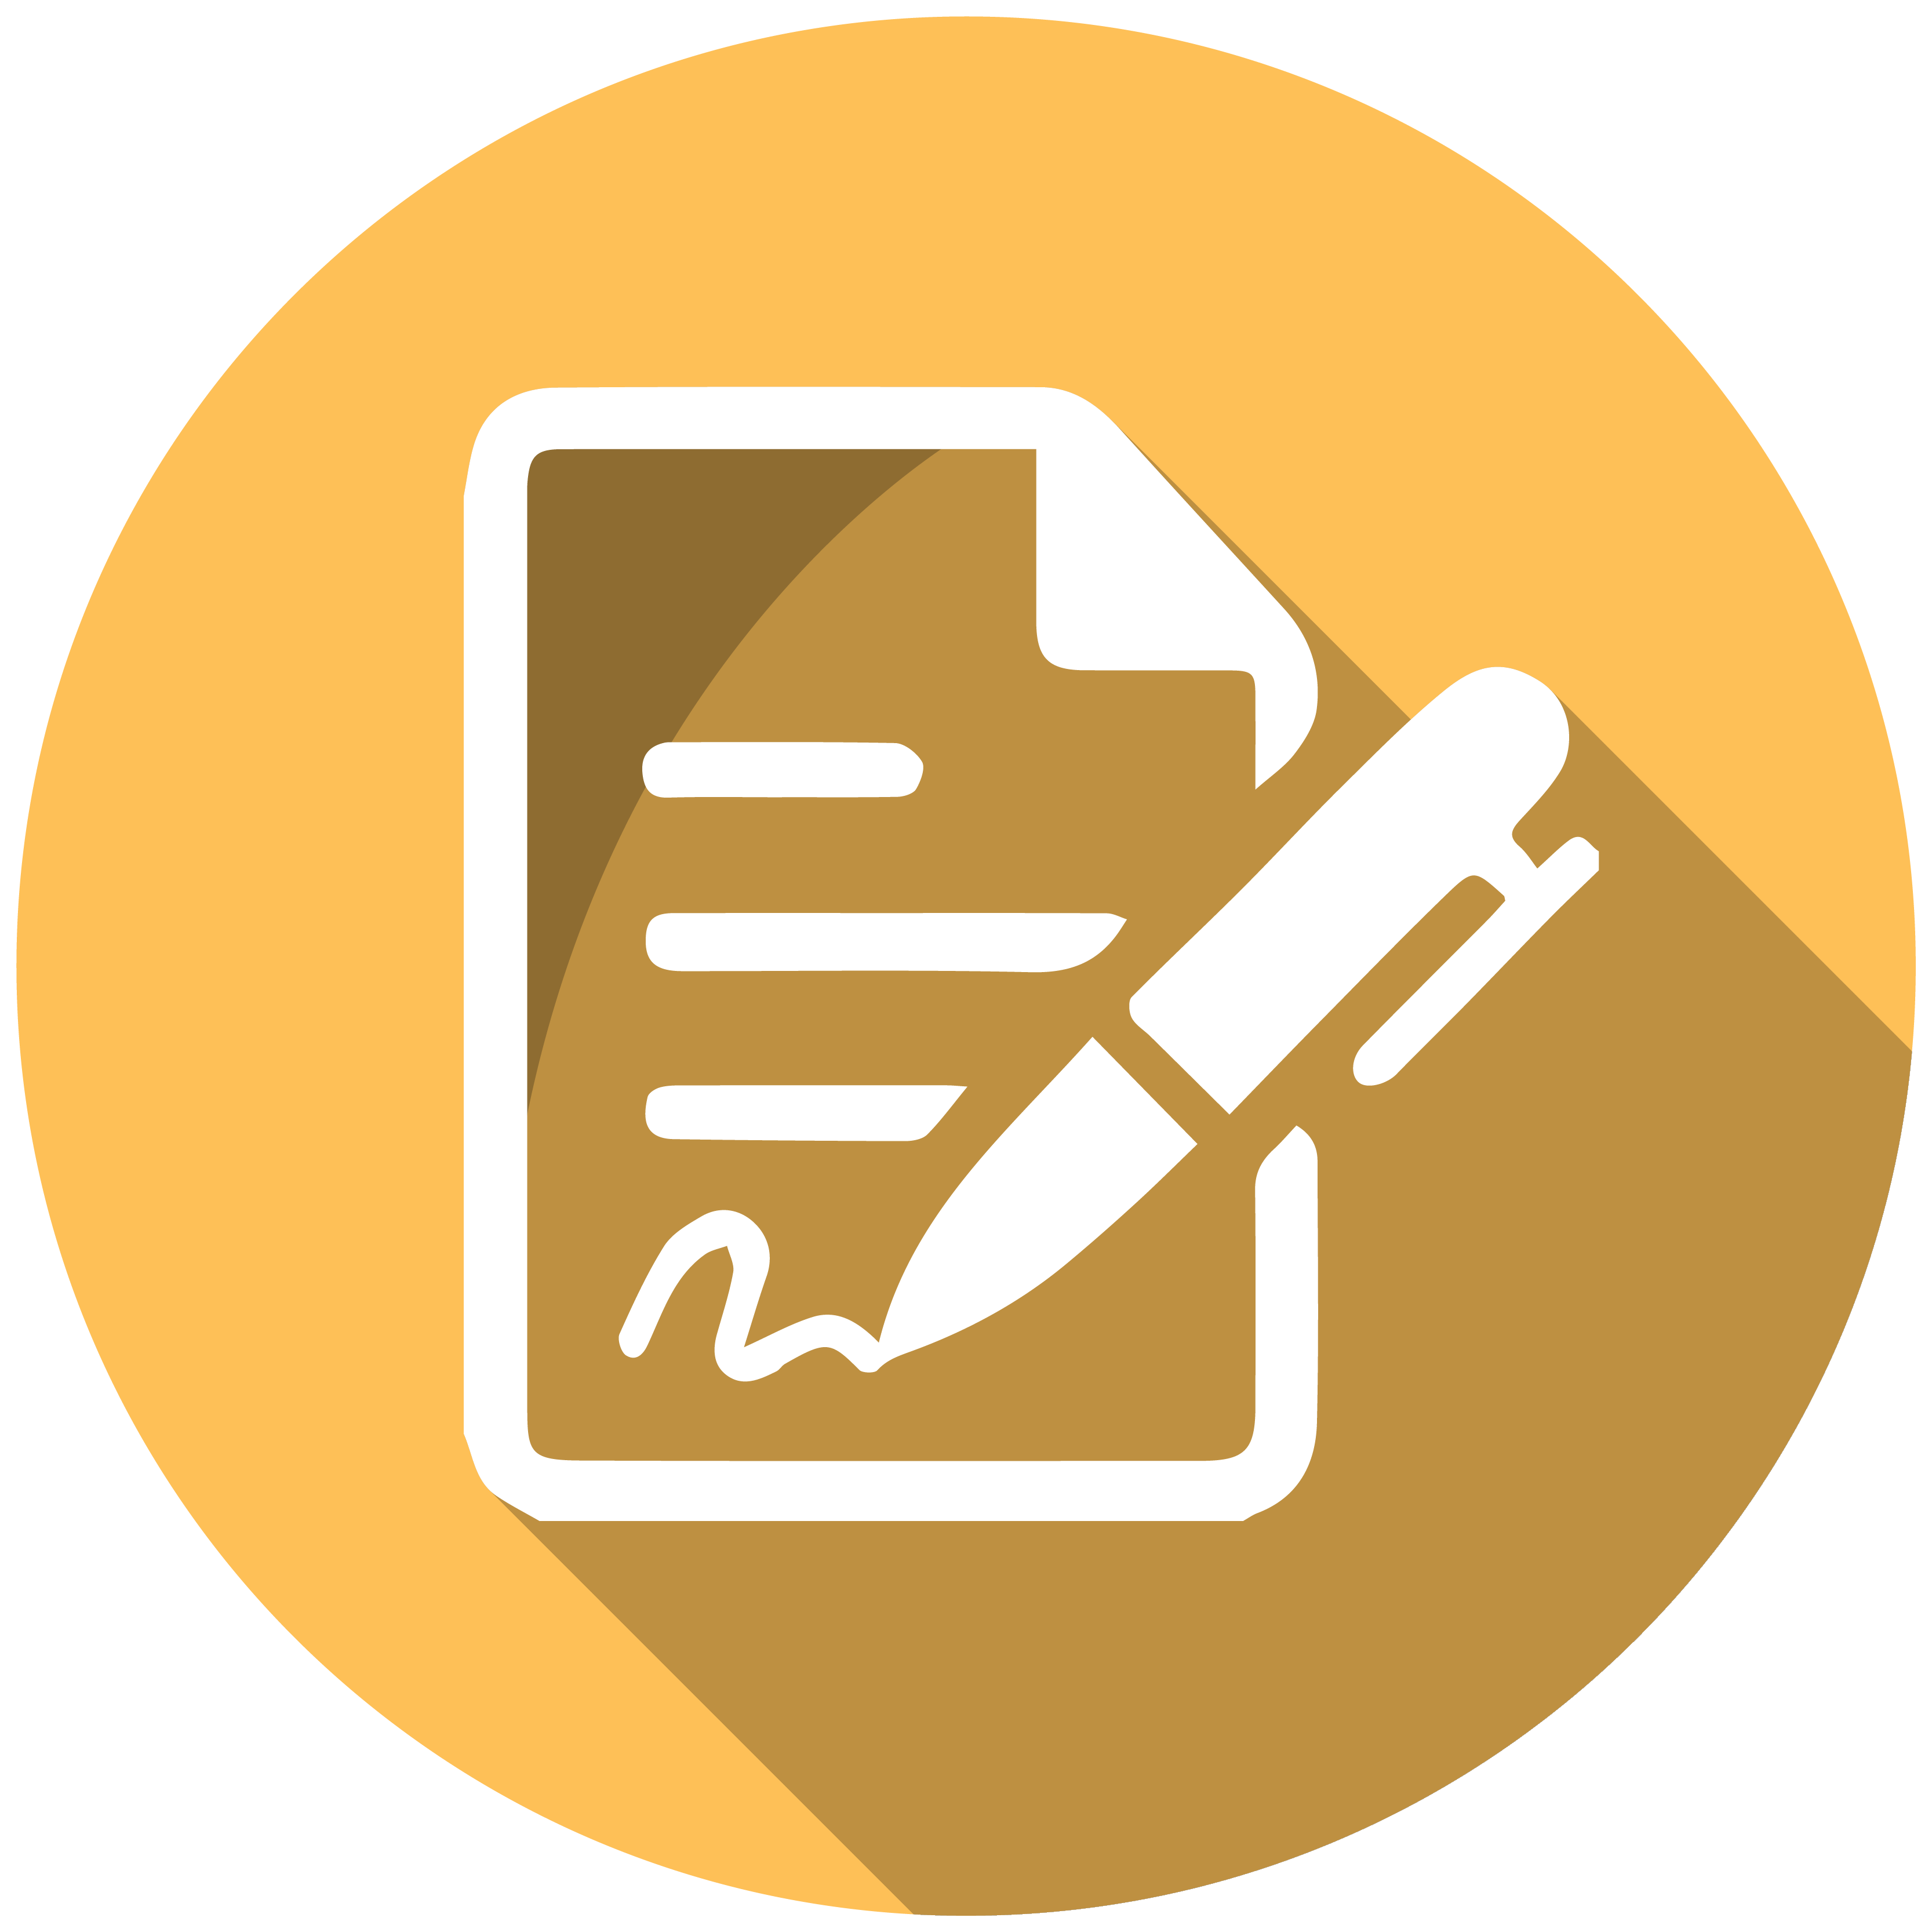 پاورپوینت بررسی اصول و مفاهیم مدیریت پروژه